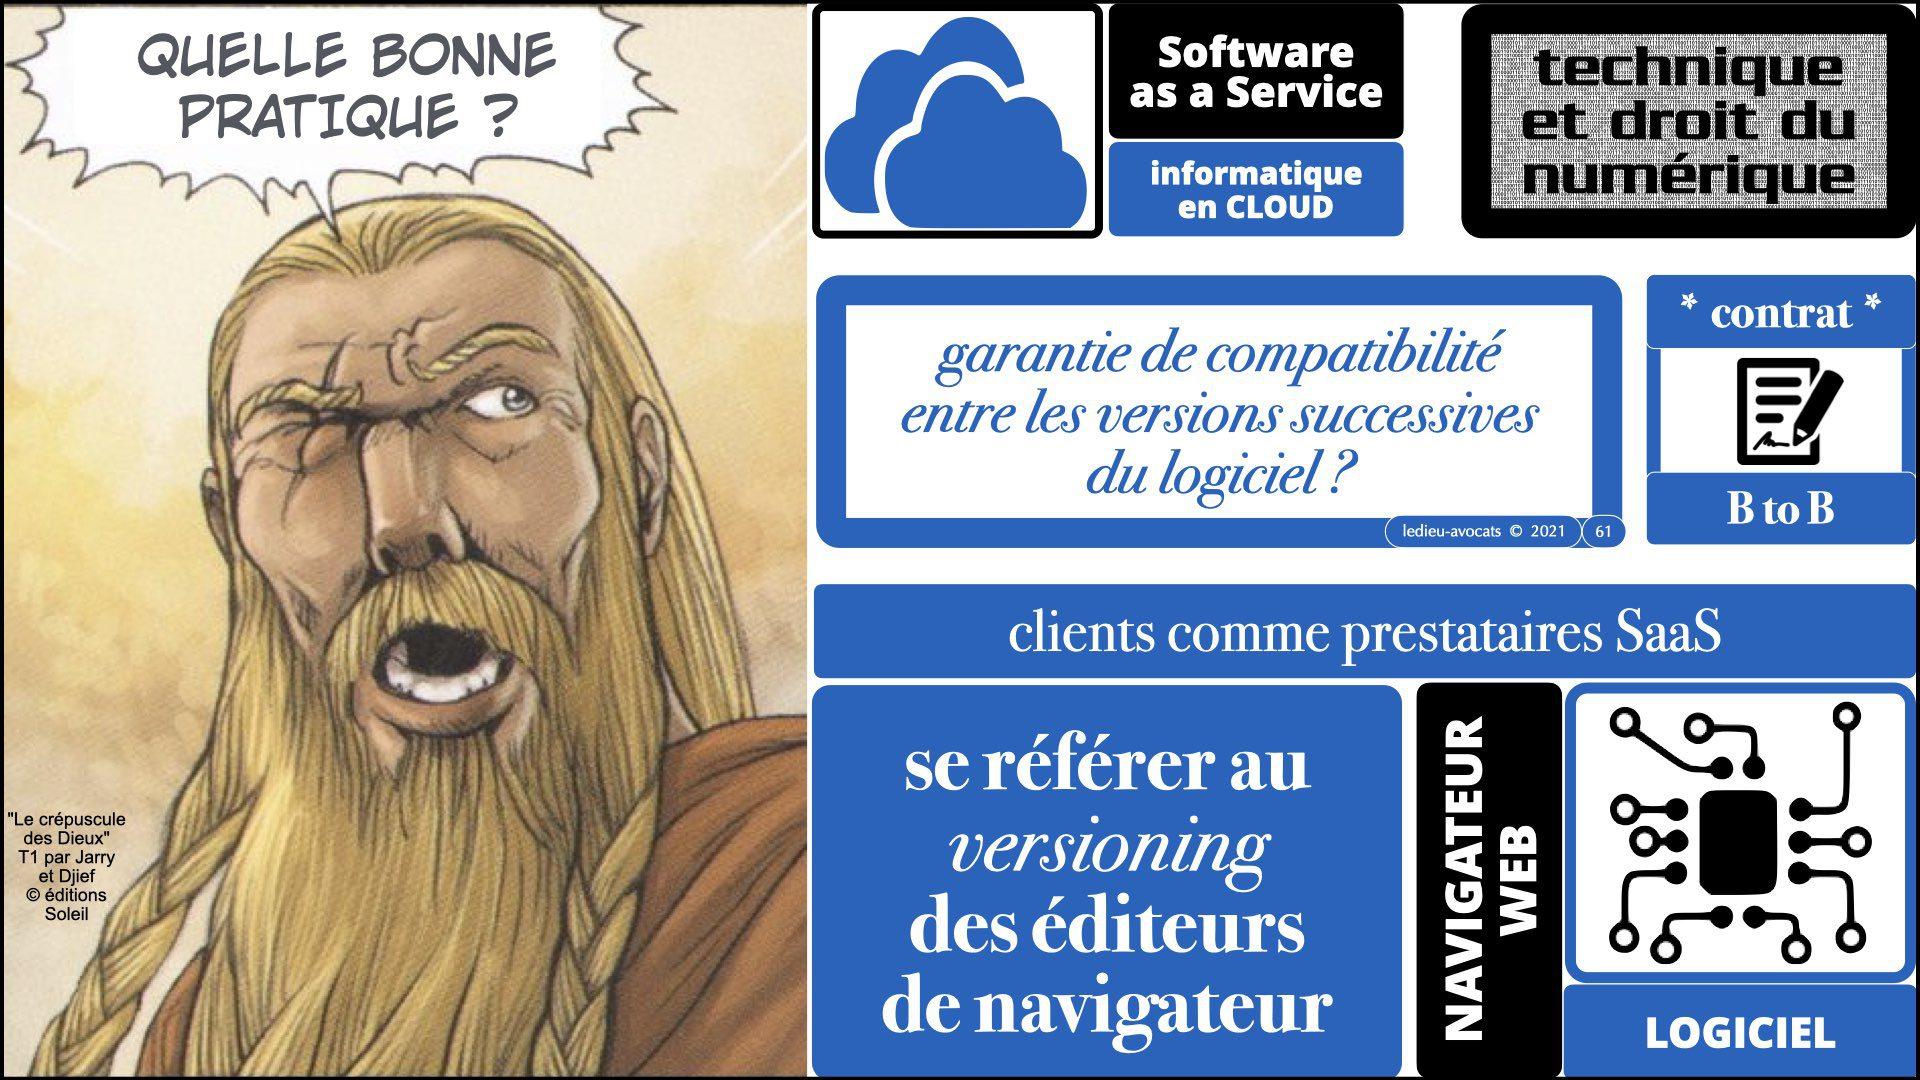 343 service LOGICIEL SaaS Software-as-a-Service cloud computing © Ledieu-Avocats technique droit numerique 30-08-2021.061